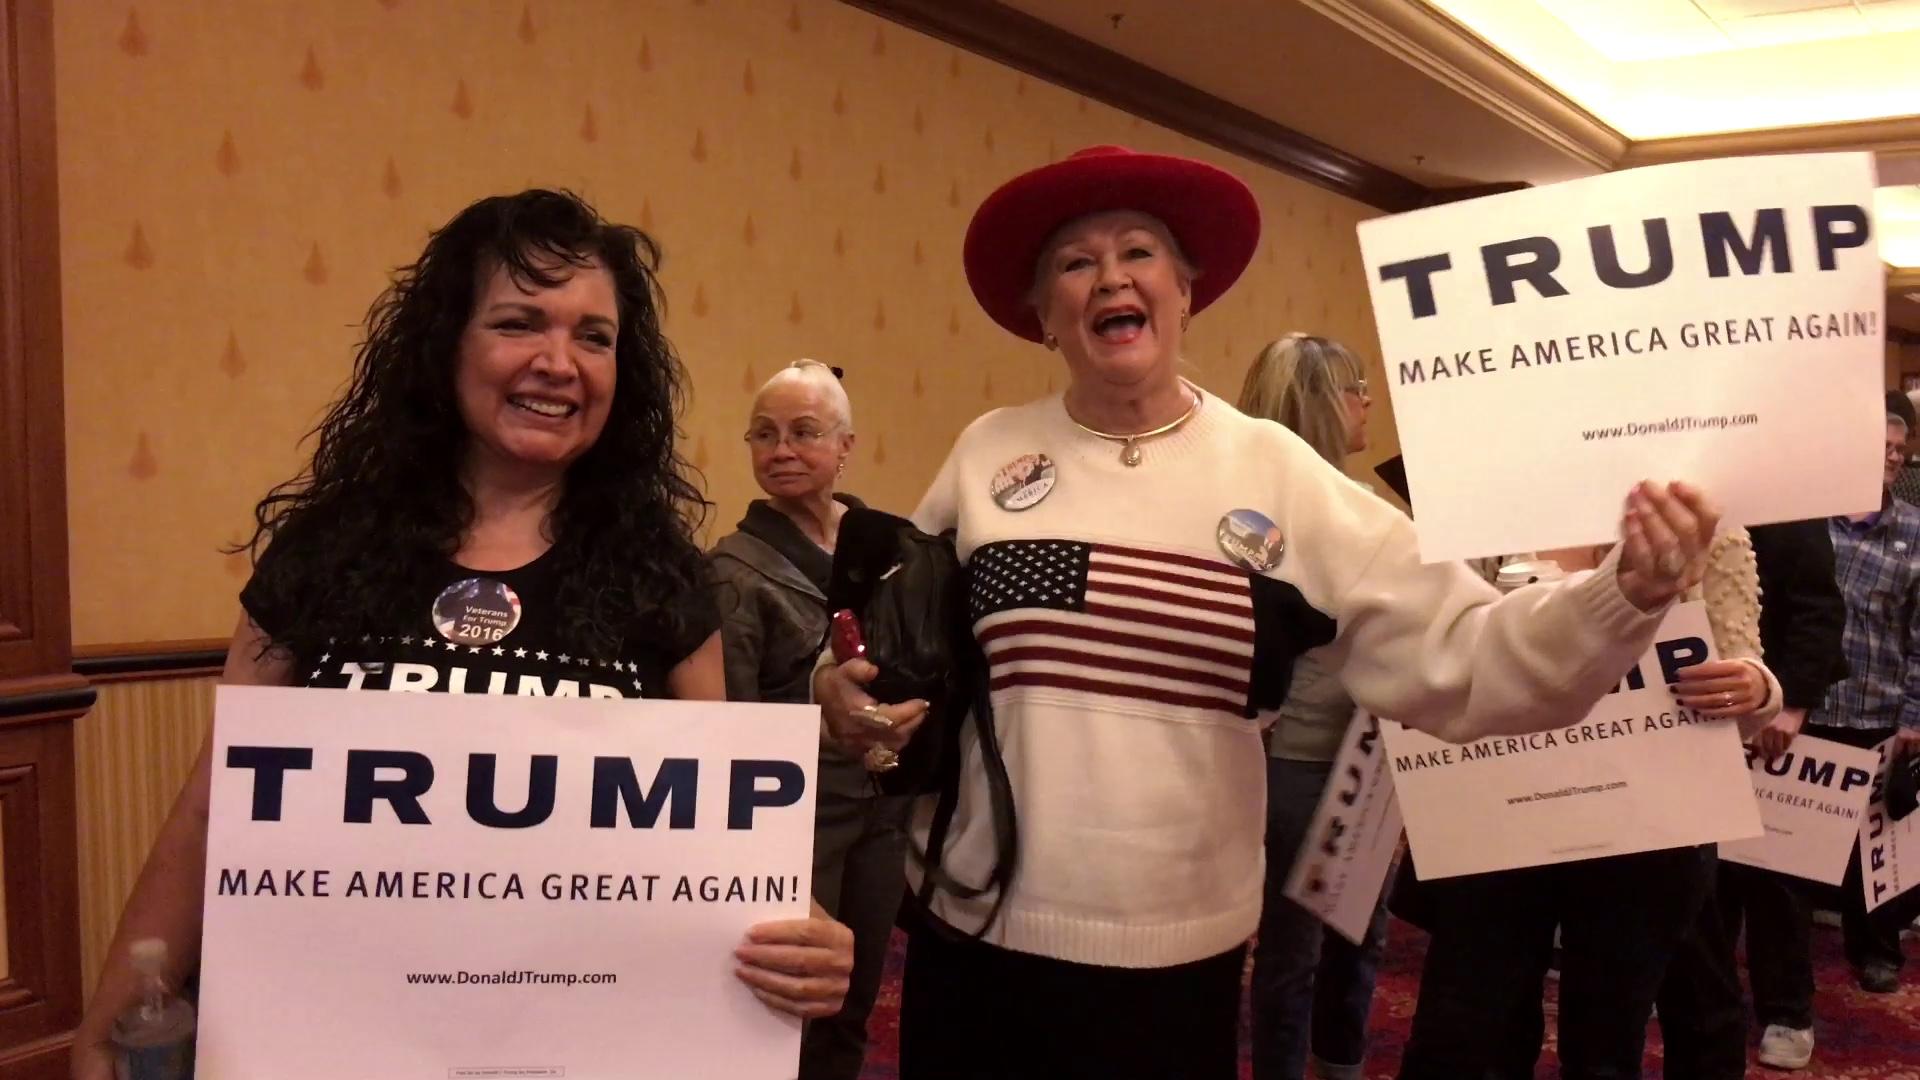 Trump supporters love Trump